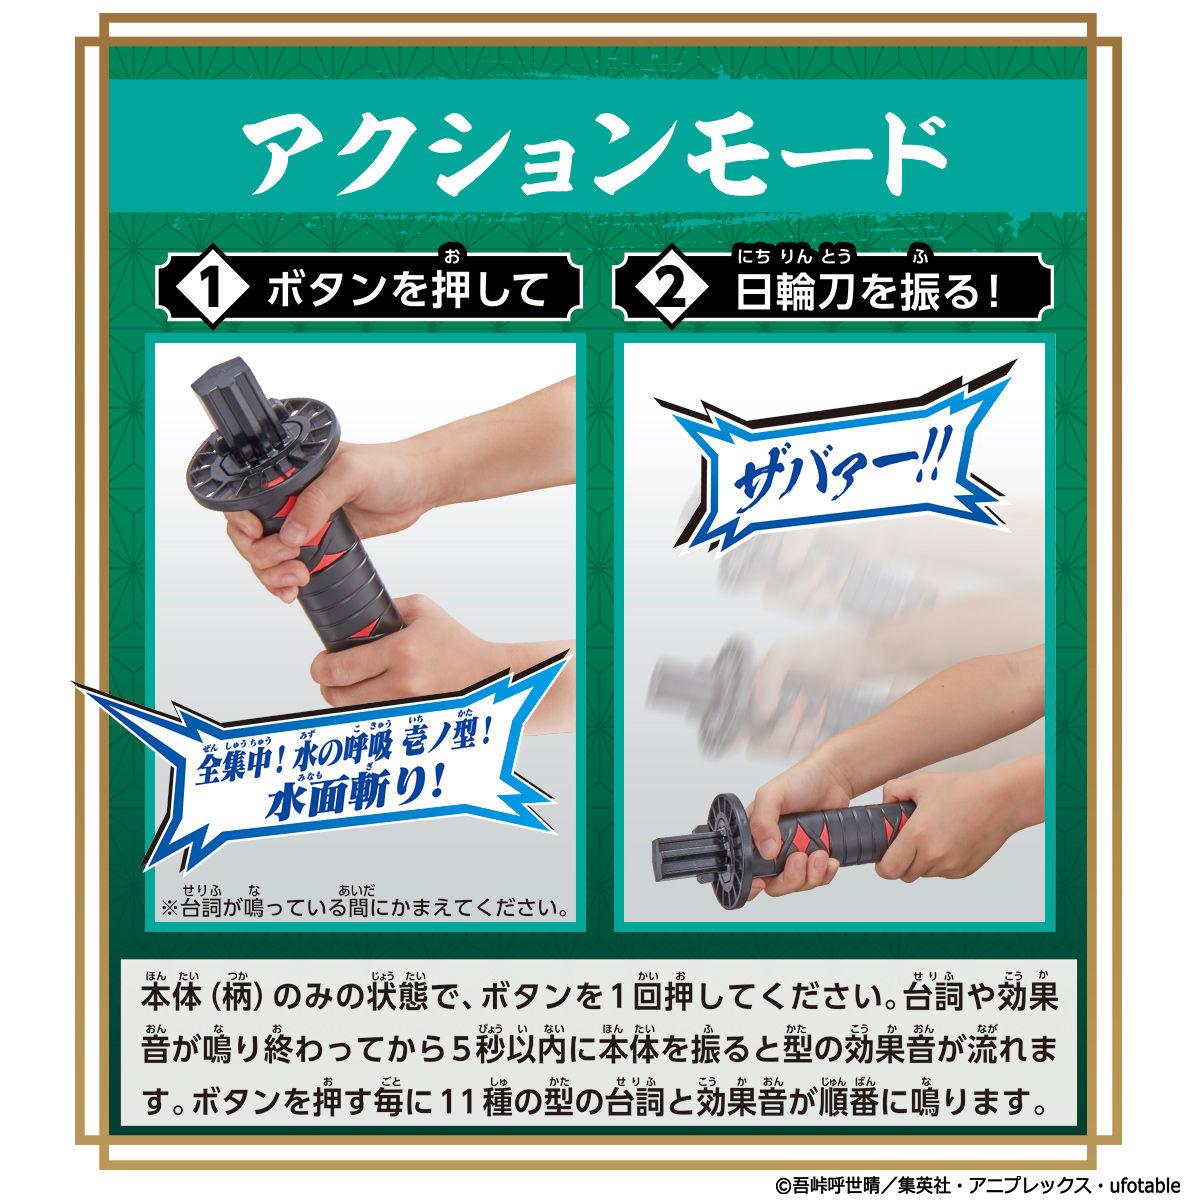 【限定再販】鬼滅の刃『DX日輪刀』変身なりきり-007